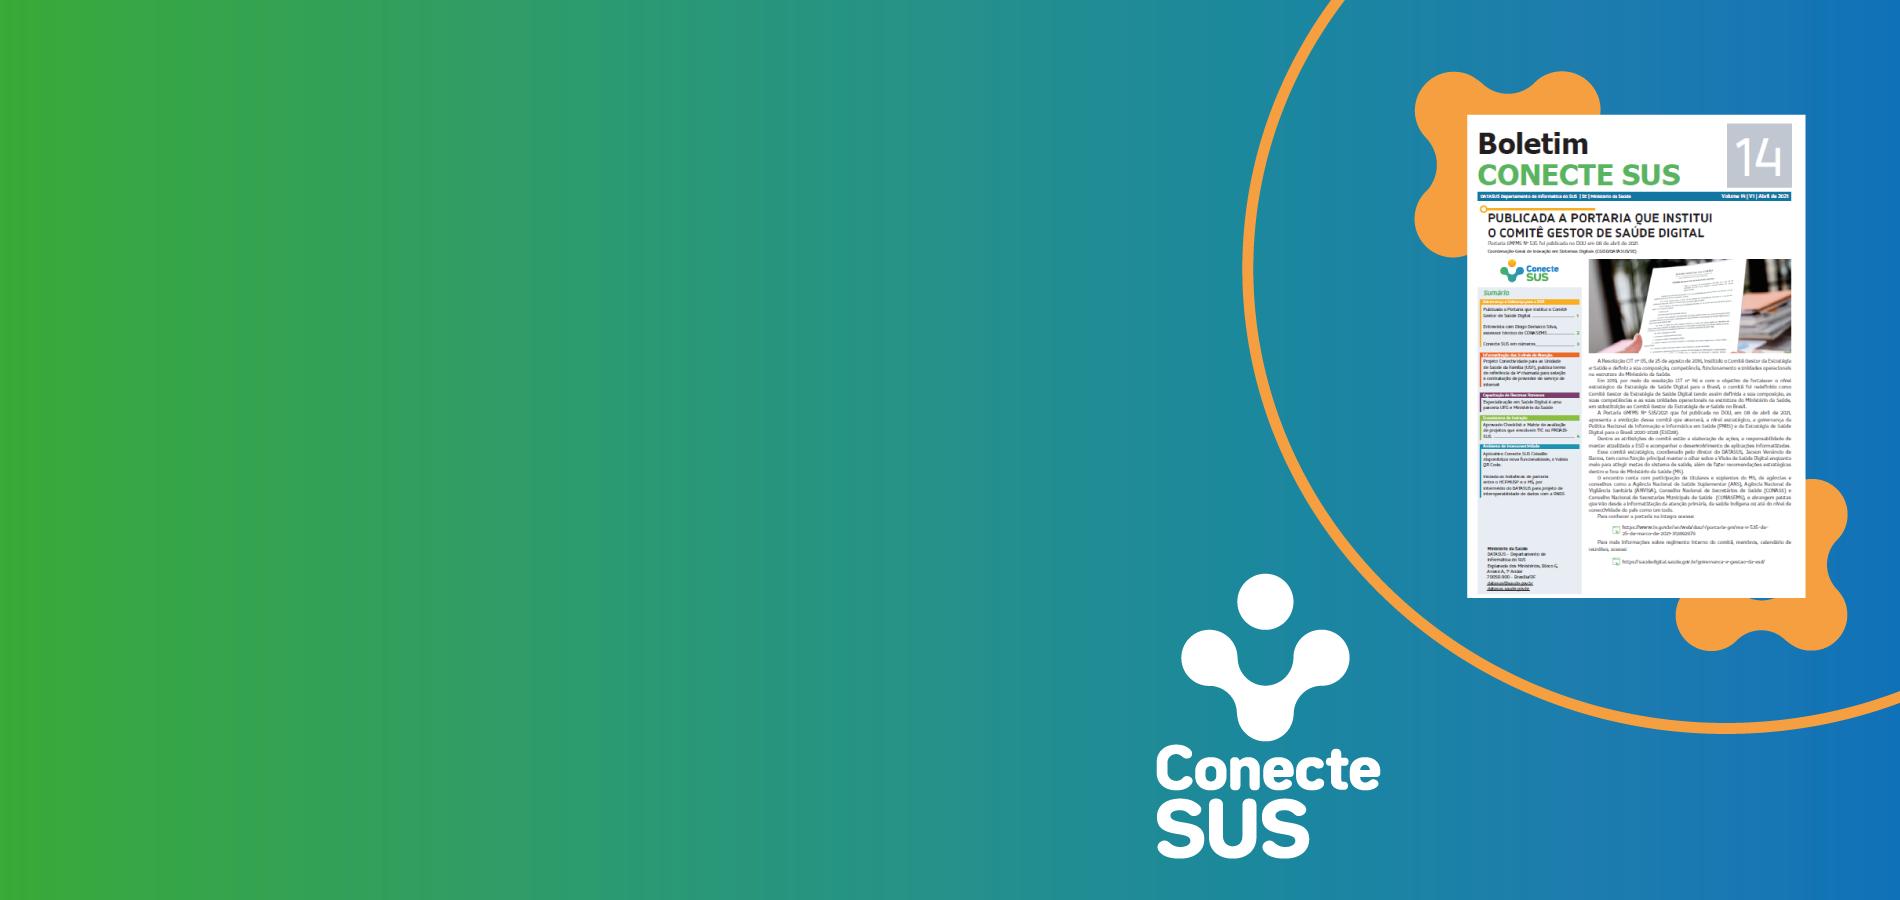 DATASUS lança 14º volume do Boletim Conecte SUS